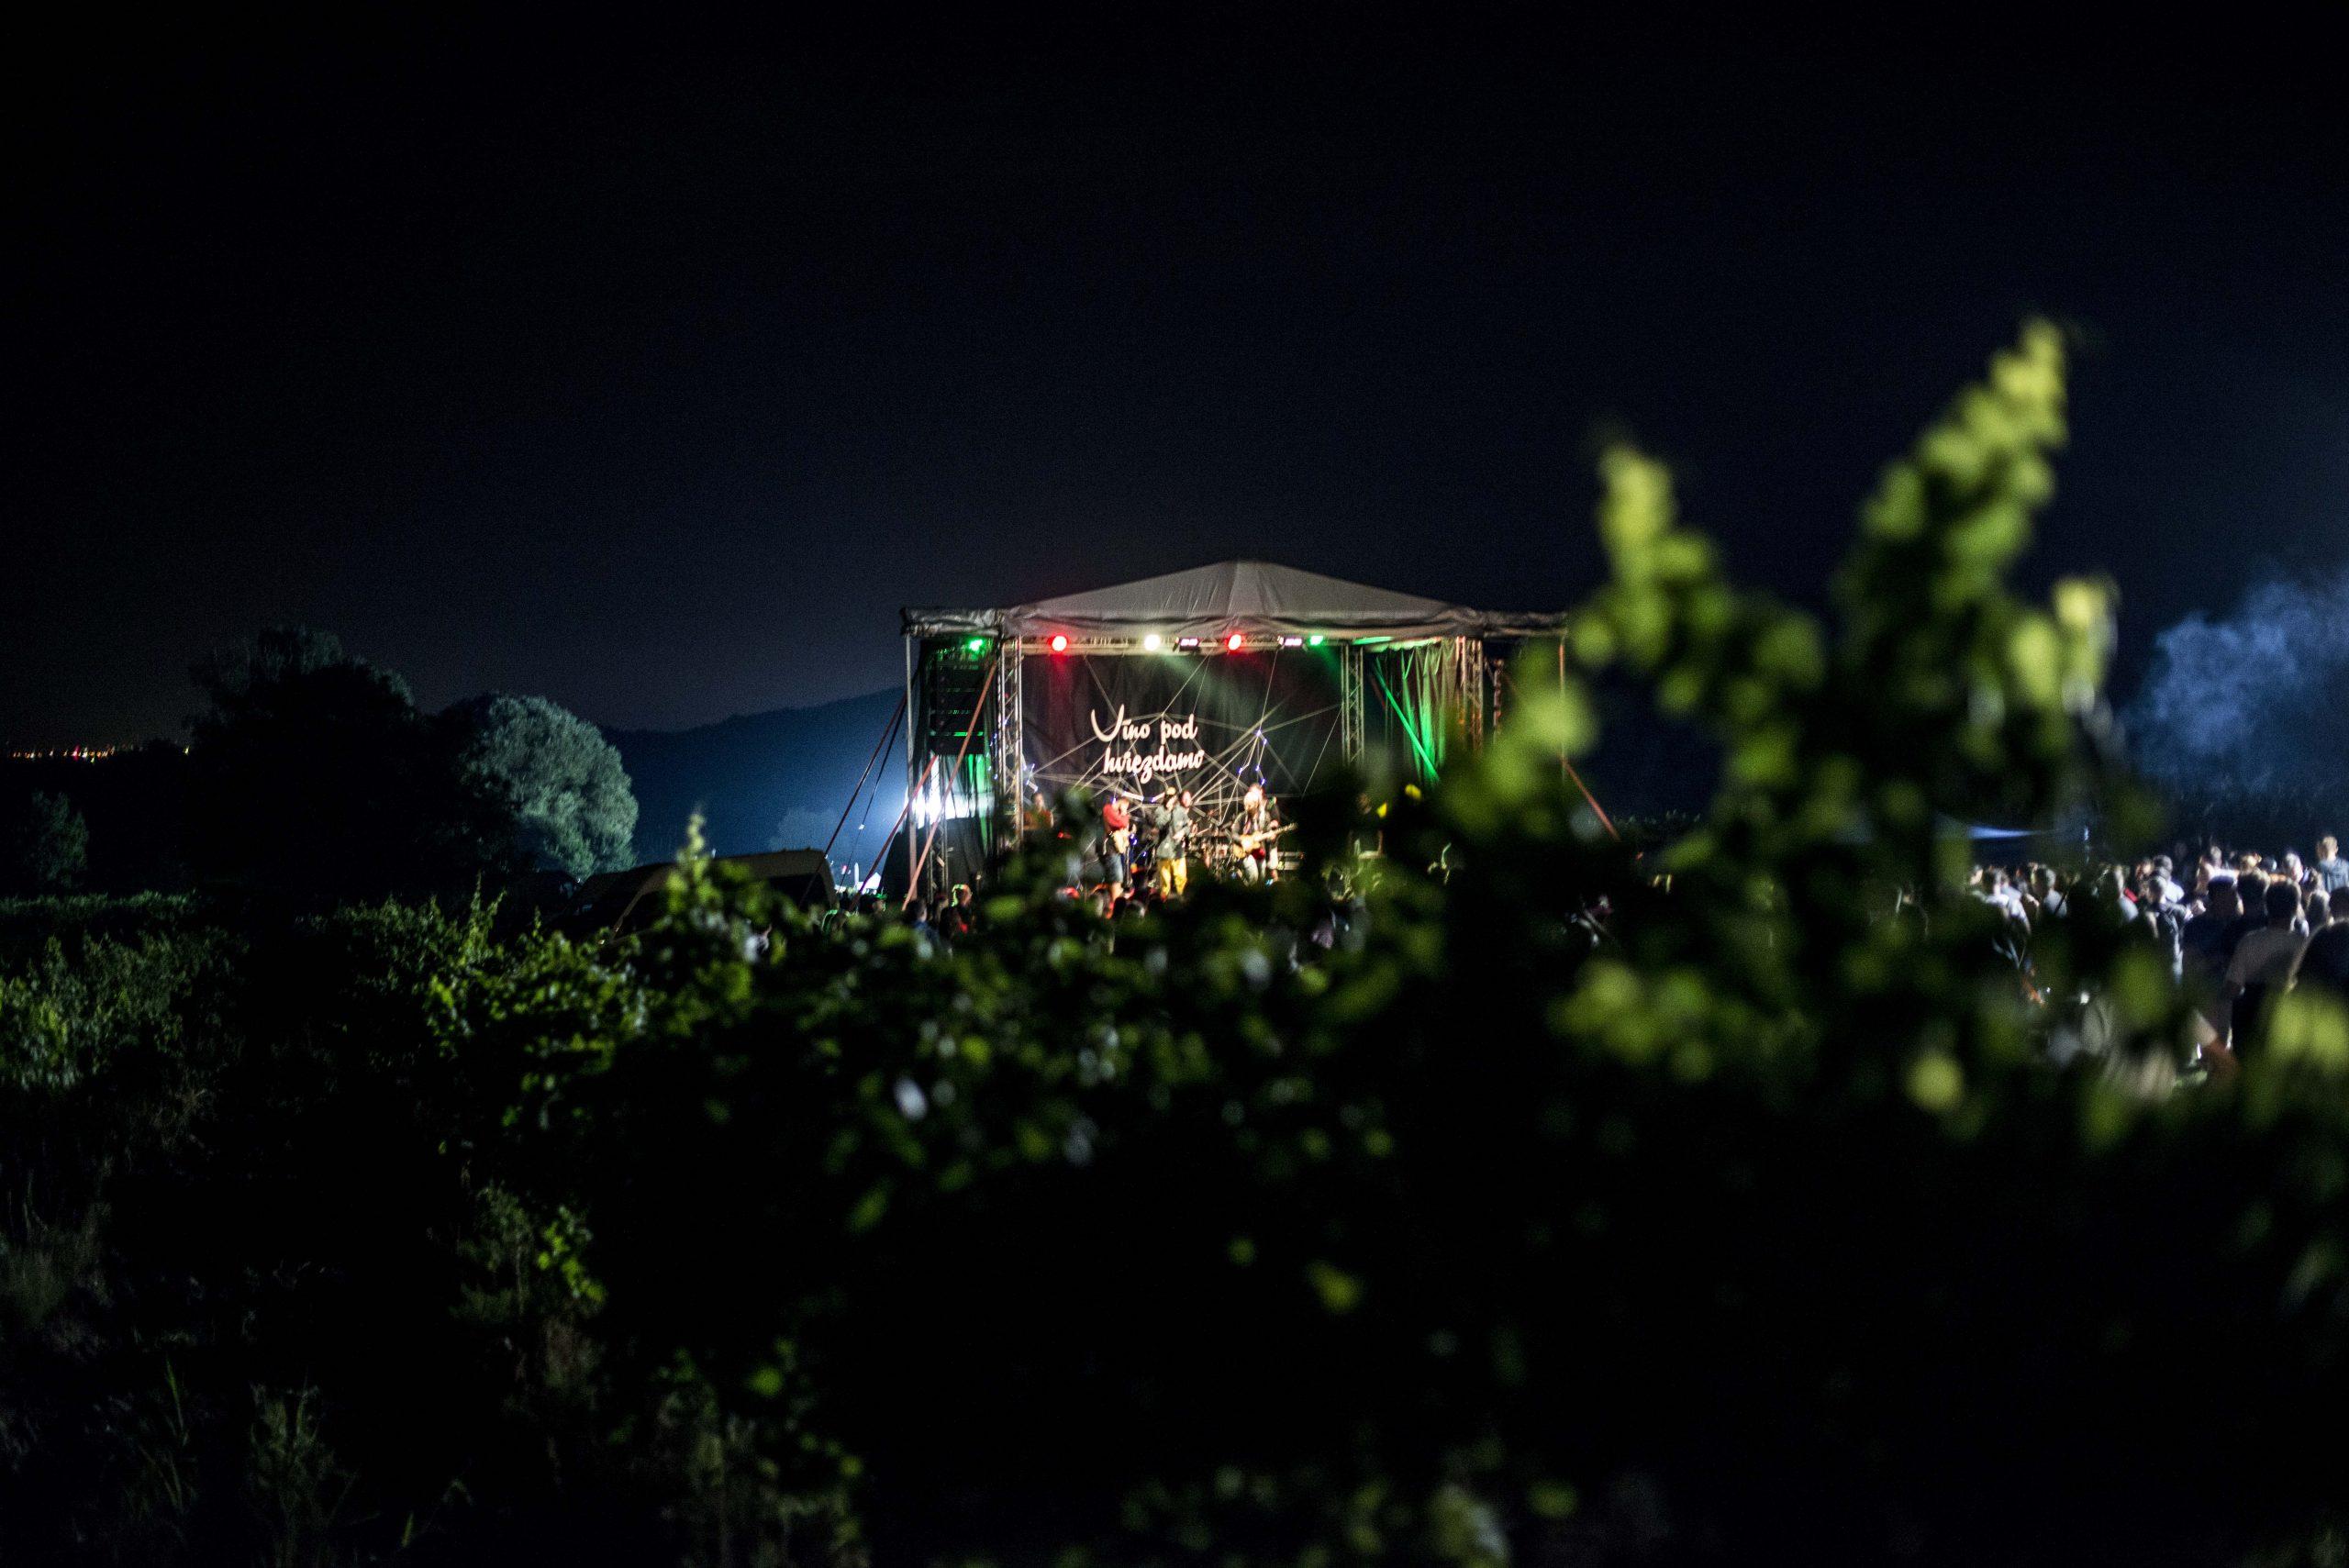 Víno pod hviezdami - festivalová fotografia Marcela Farbulová